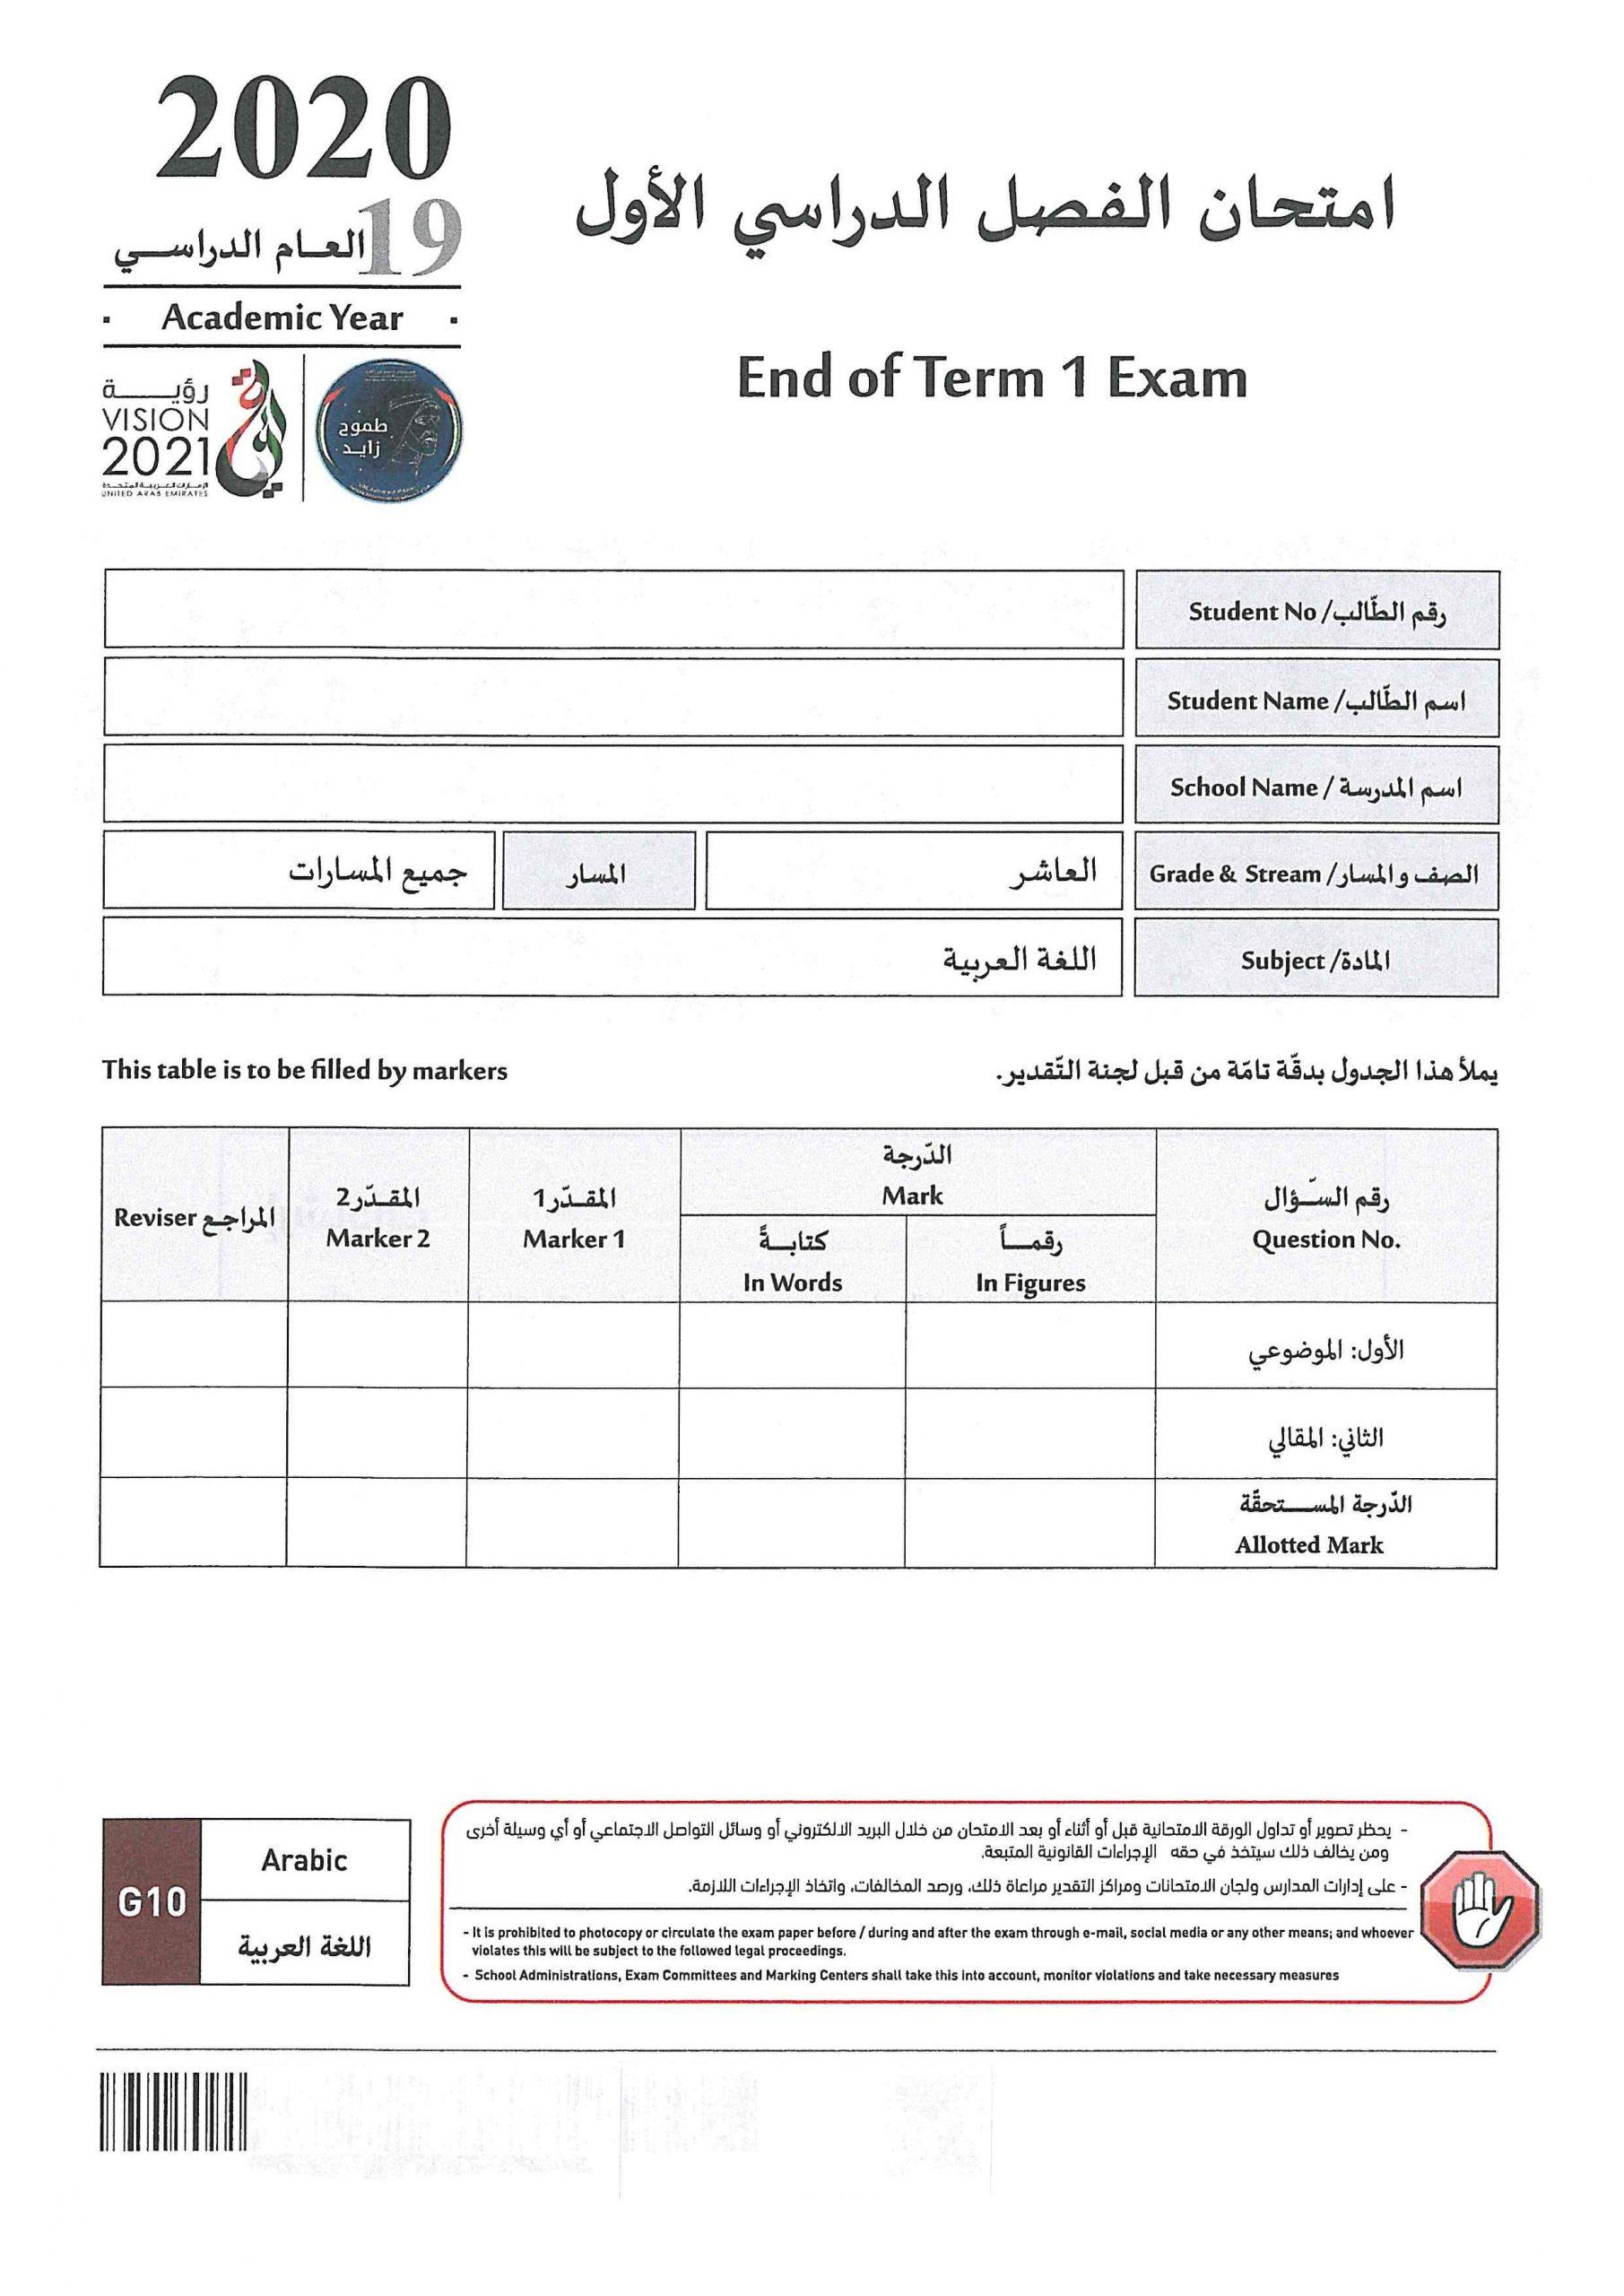 امتحان نهاية الفصل الدراسي الاول 2019-2020 الصف العاشر مادة اللغة العربية